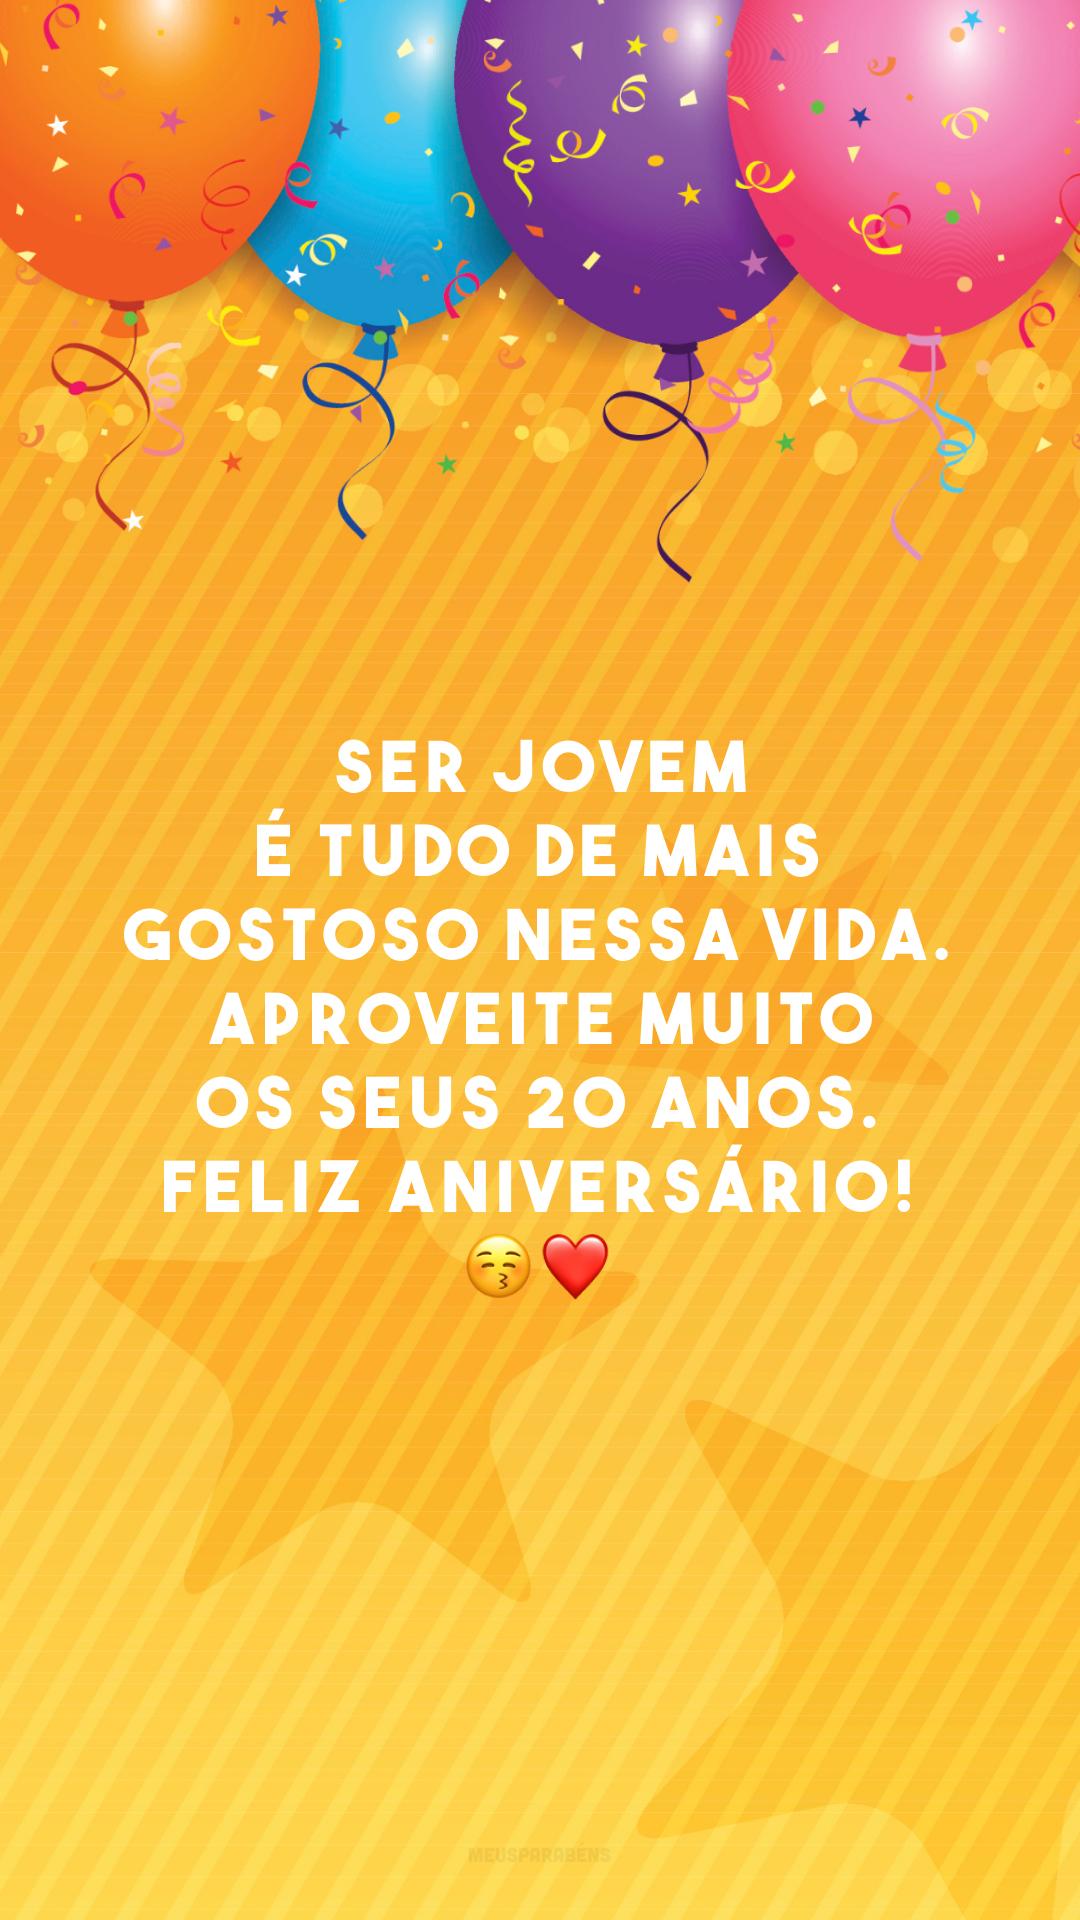 Ser jovem é tudo de mais gostoso nessa vida. Aproveite muito os seus 20 anos. Feliz aniversário! 😚❤️